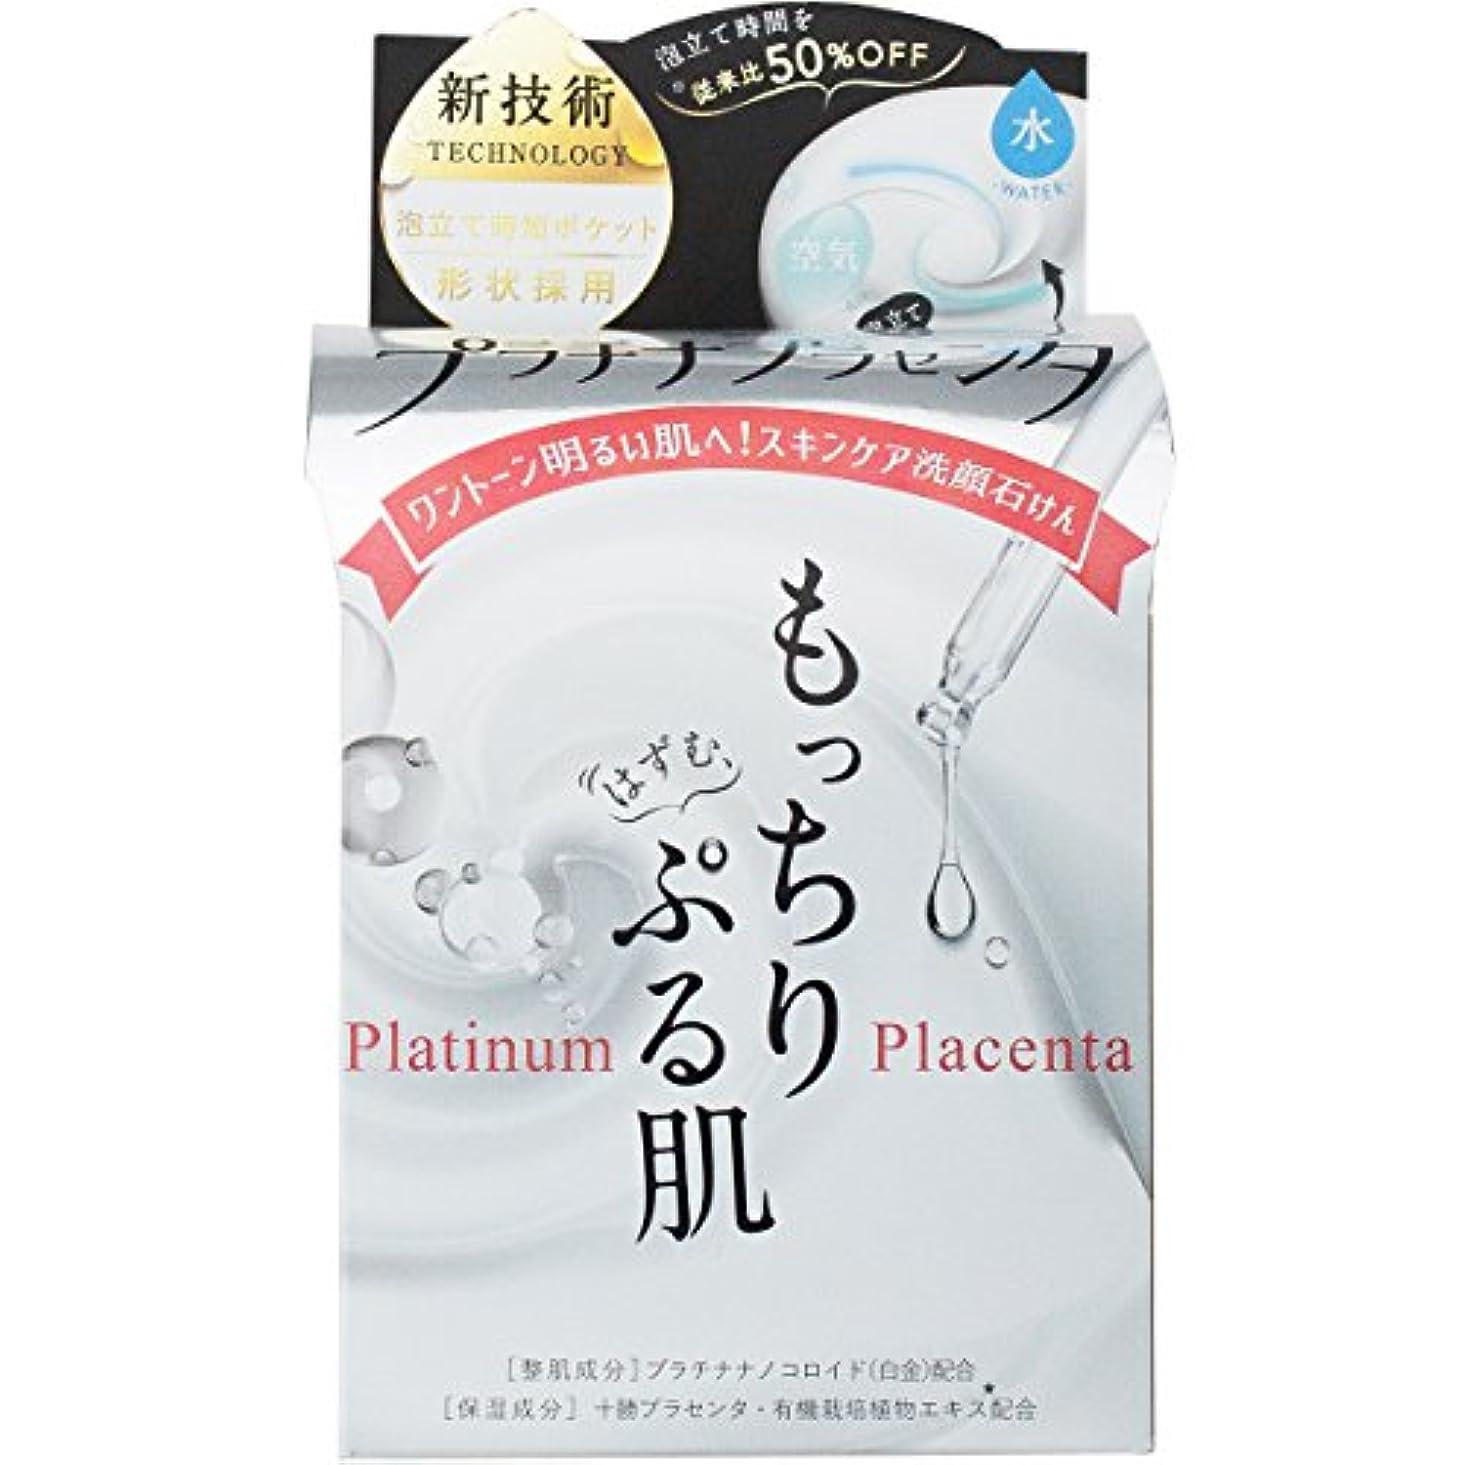 投資するペルメル絶壁肌楽プラチナプラセンタ洗顔石鹸 60g